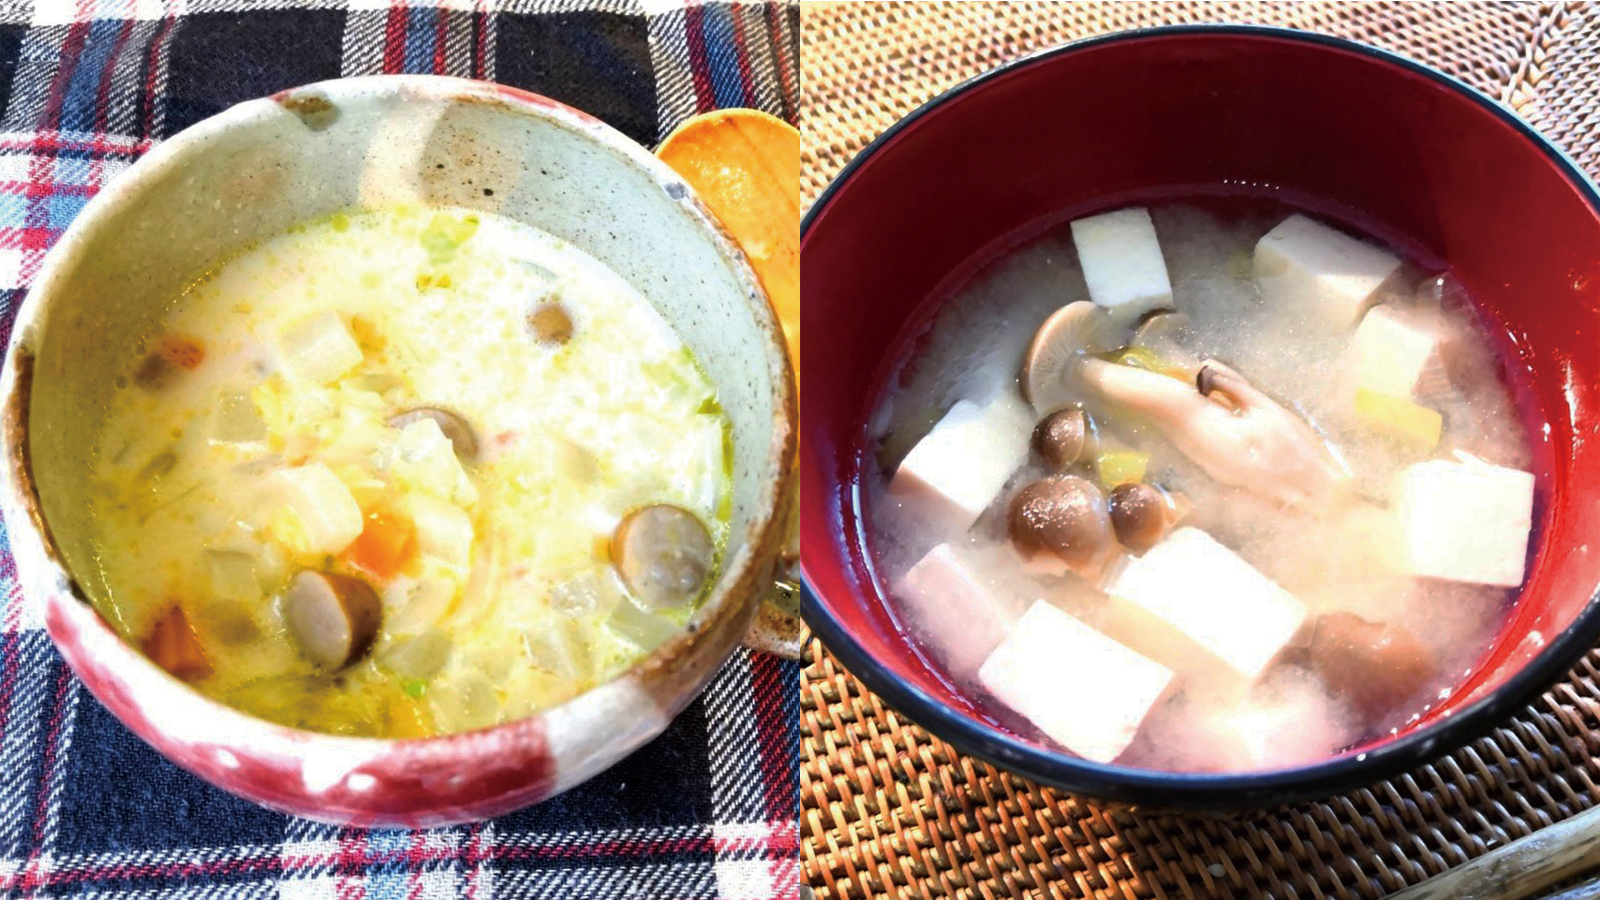 肌寒い日には栄養満点のあったかスープでぽかぽか♪超簡単レシピ2選